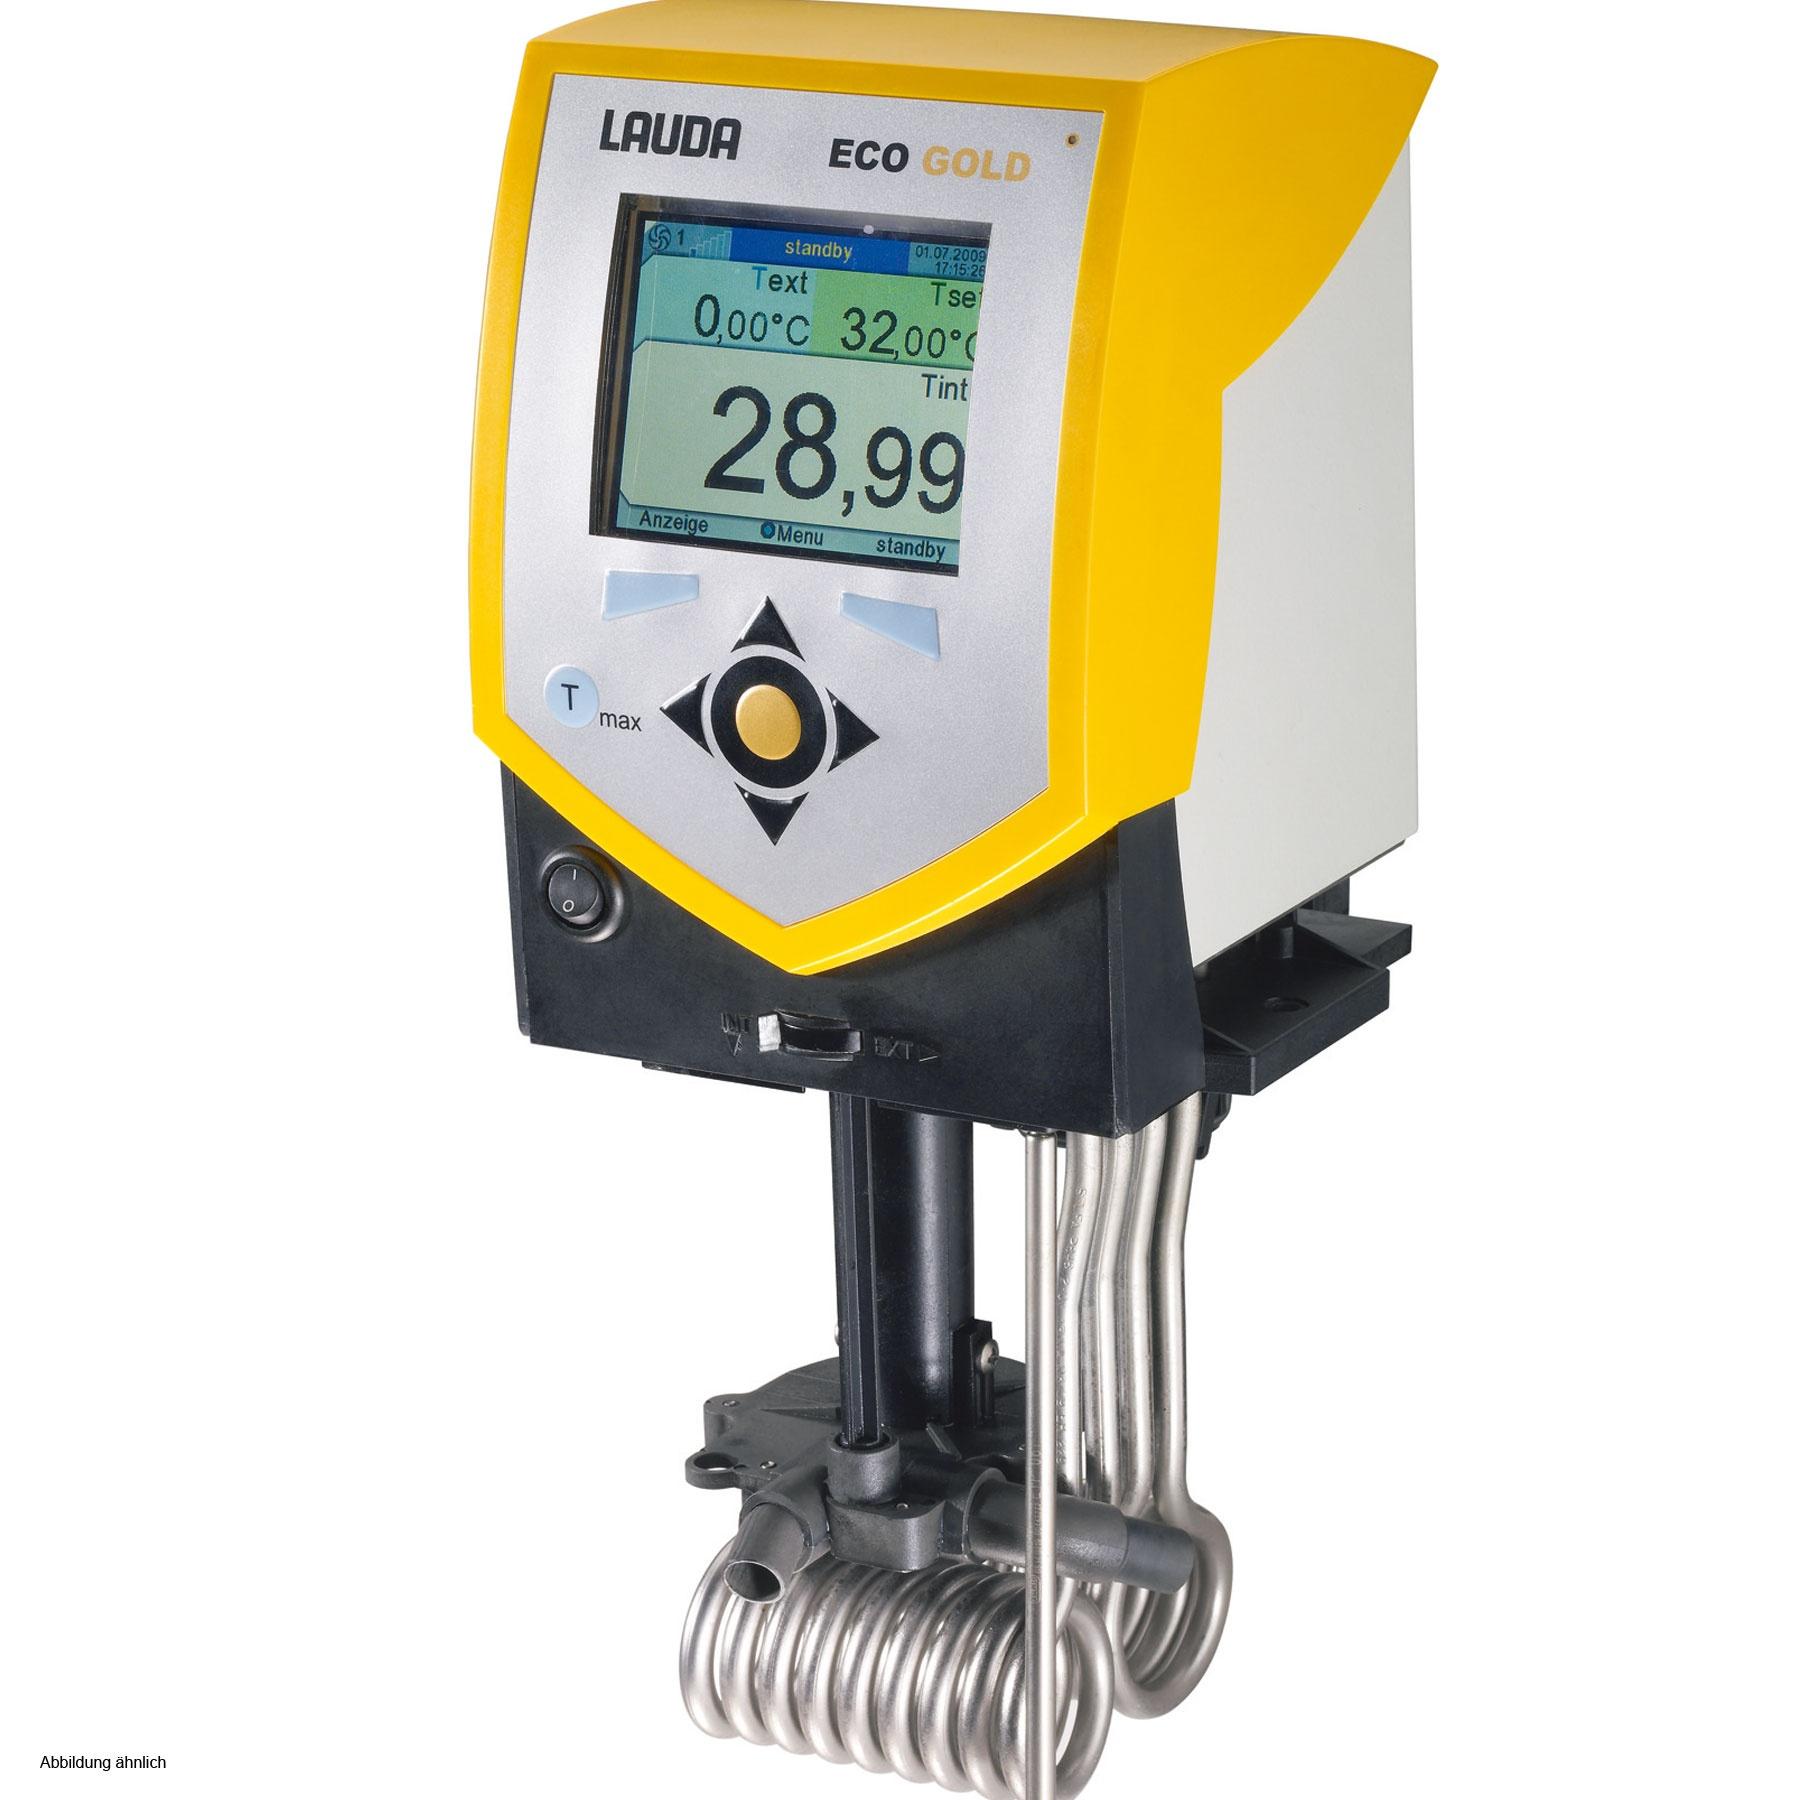 Termostato Eco Gold Faixa de Trabalho de 20°C a 200°C - LAUDA - Cod. ECOGOLD